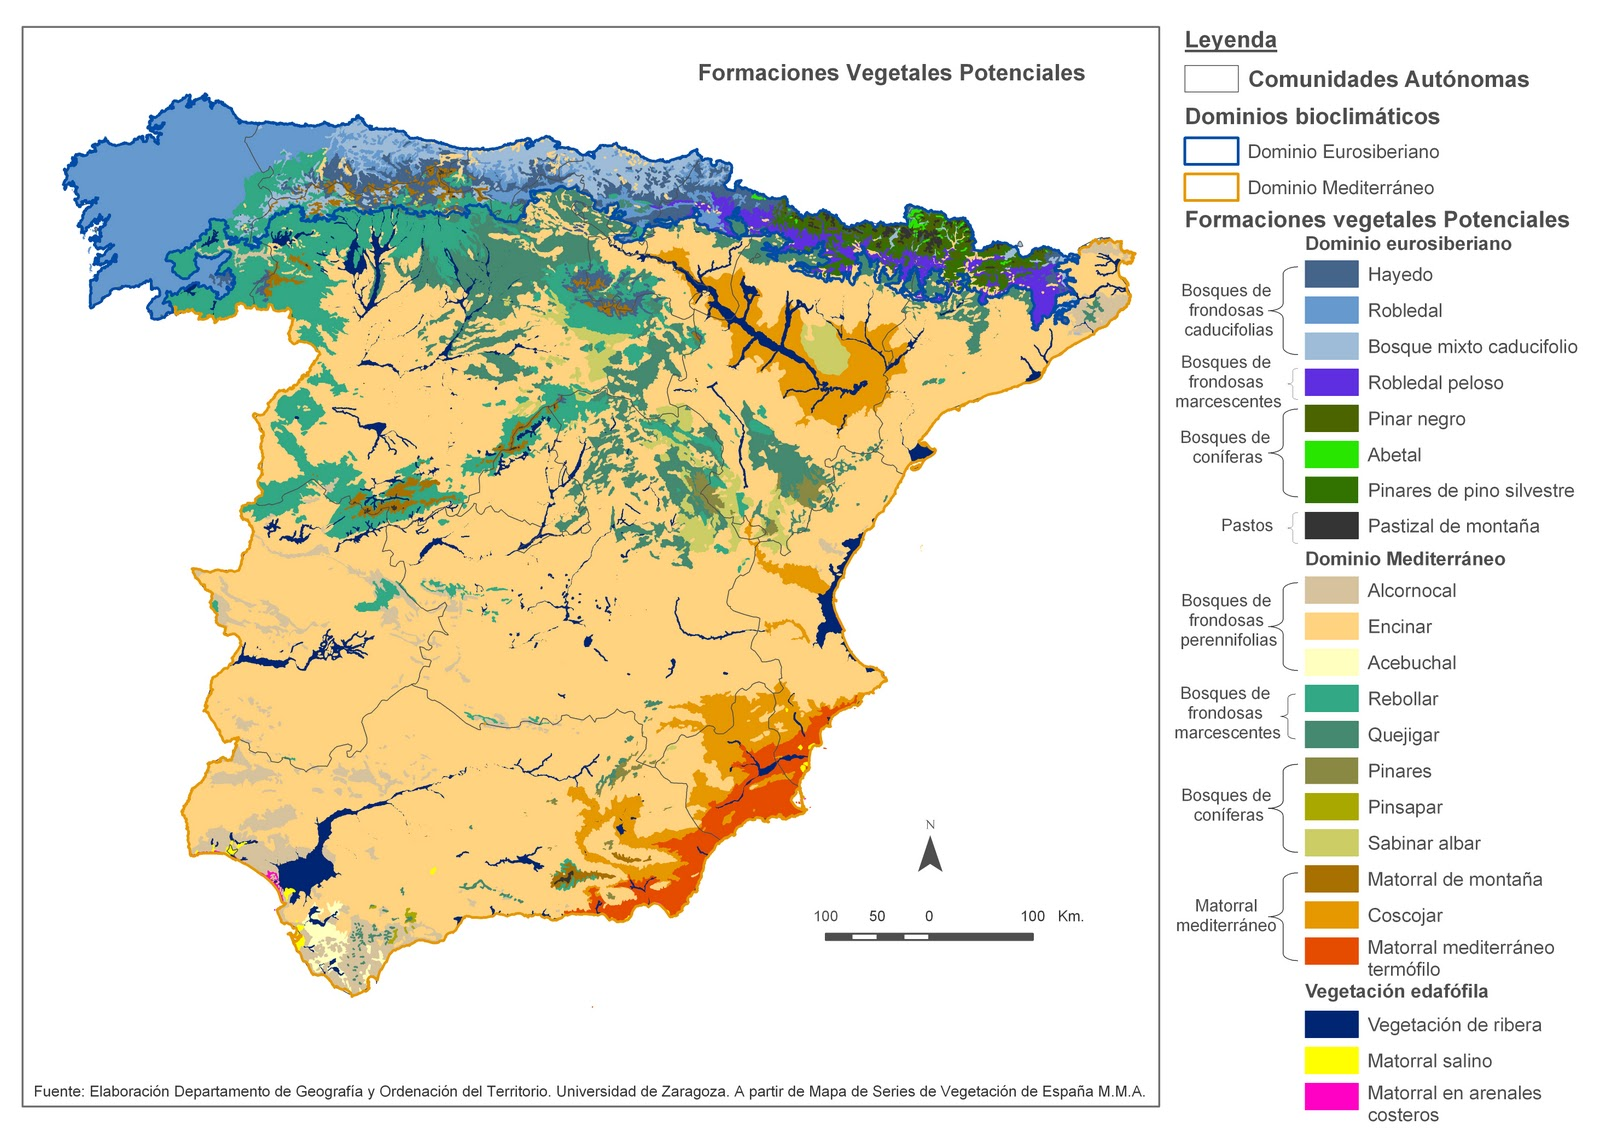 Mapa Climatico De España Mudo.Profesor De Historia Geografia Y Arte Vegetacion En Espana